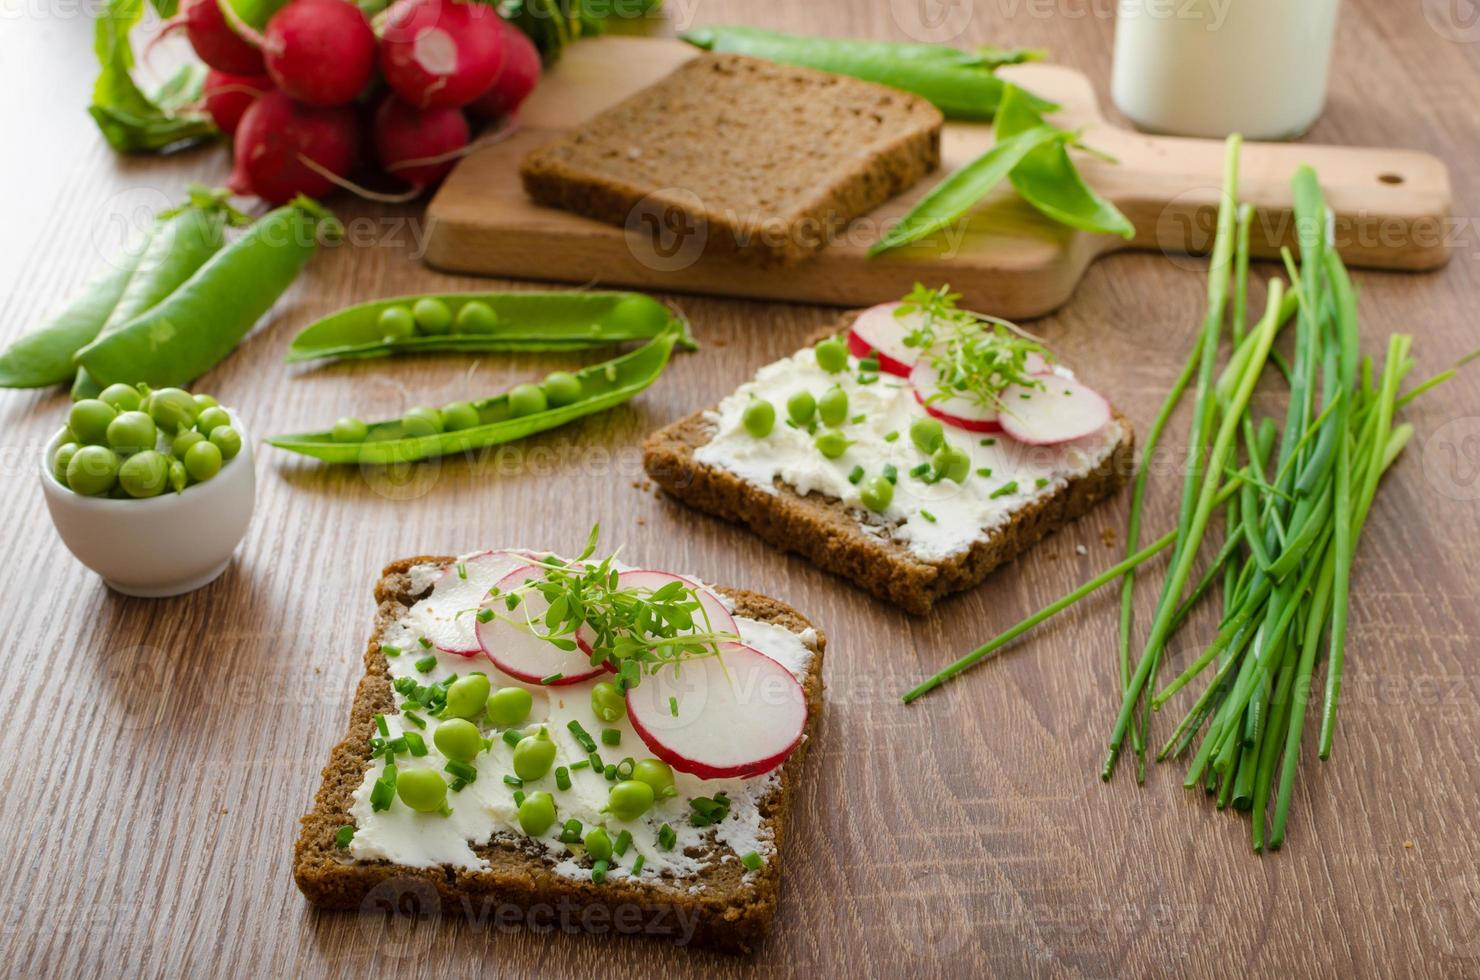 gezond volkorenbrood met kruiden foto